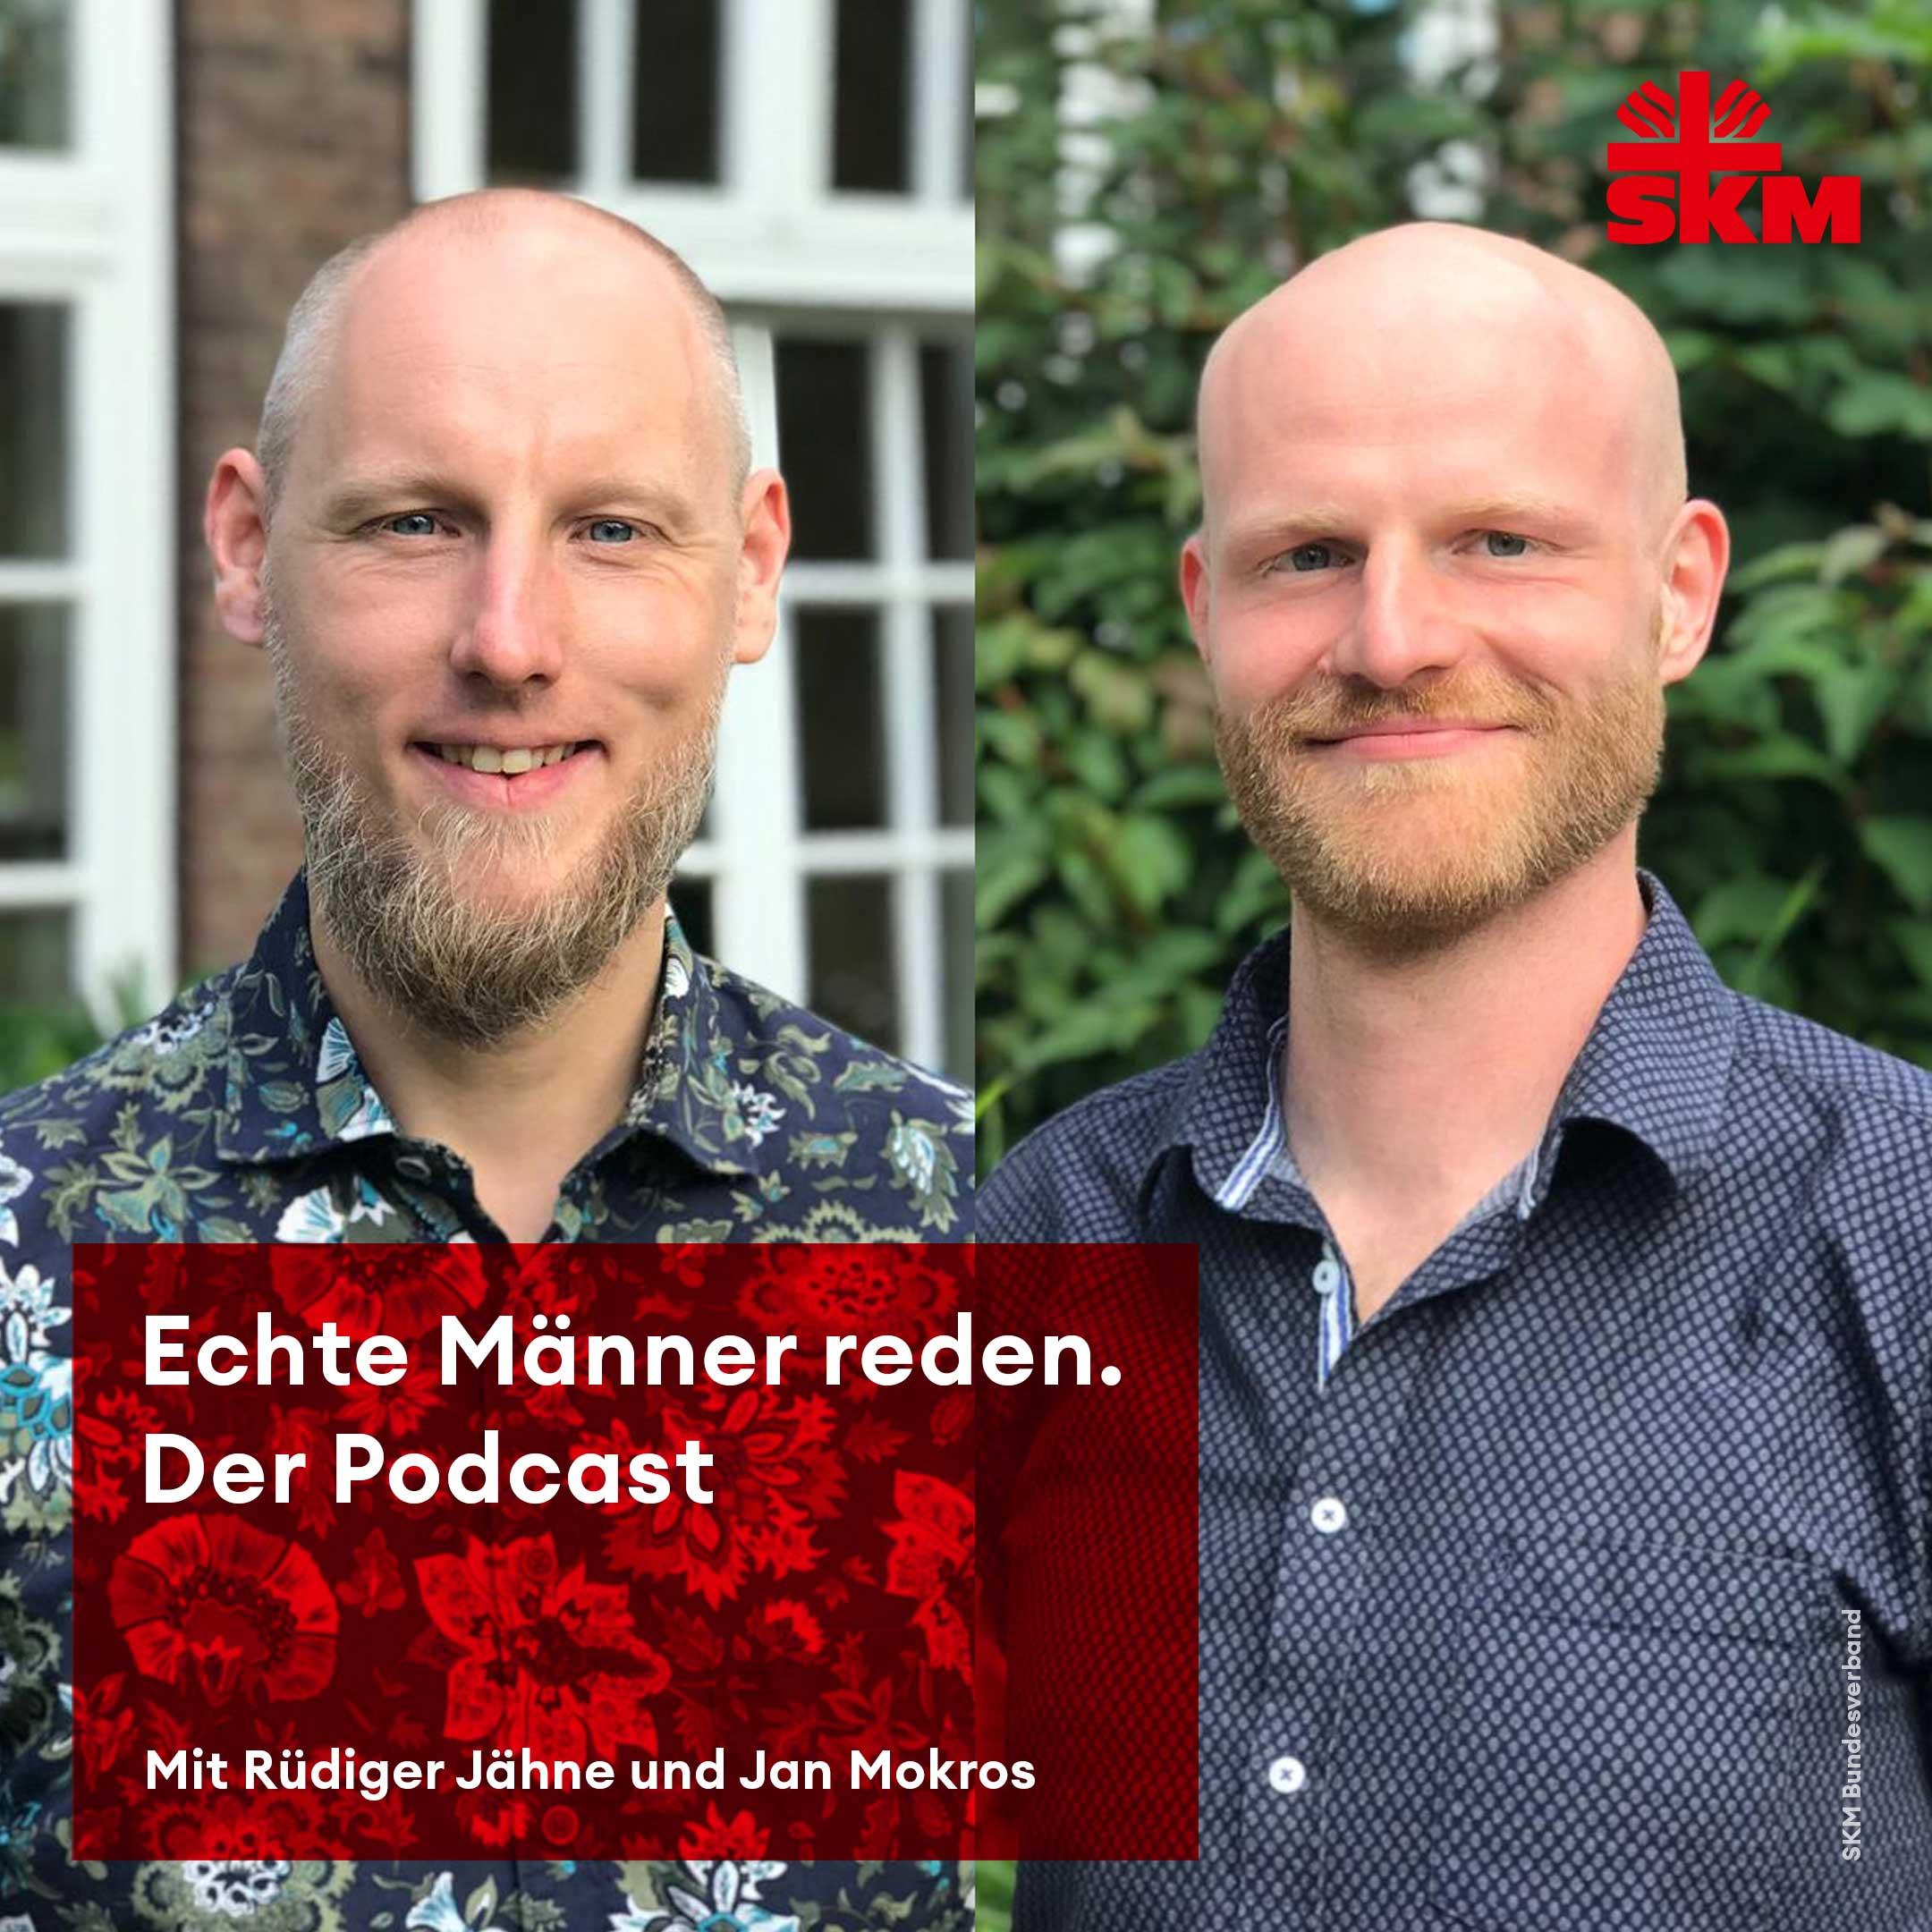 Echte Männer reden. - der Podcast